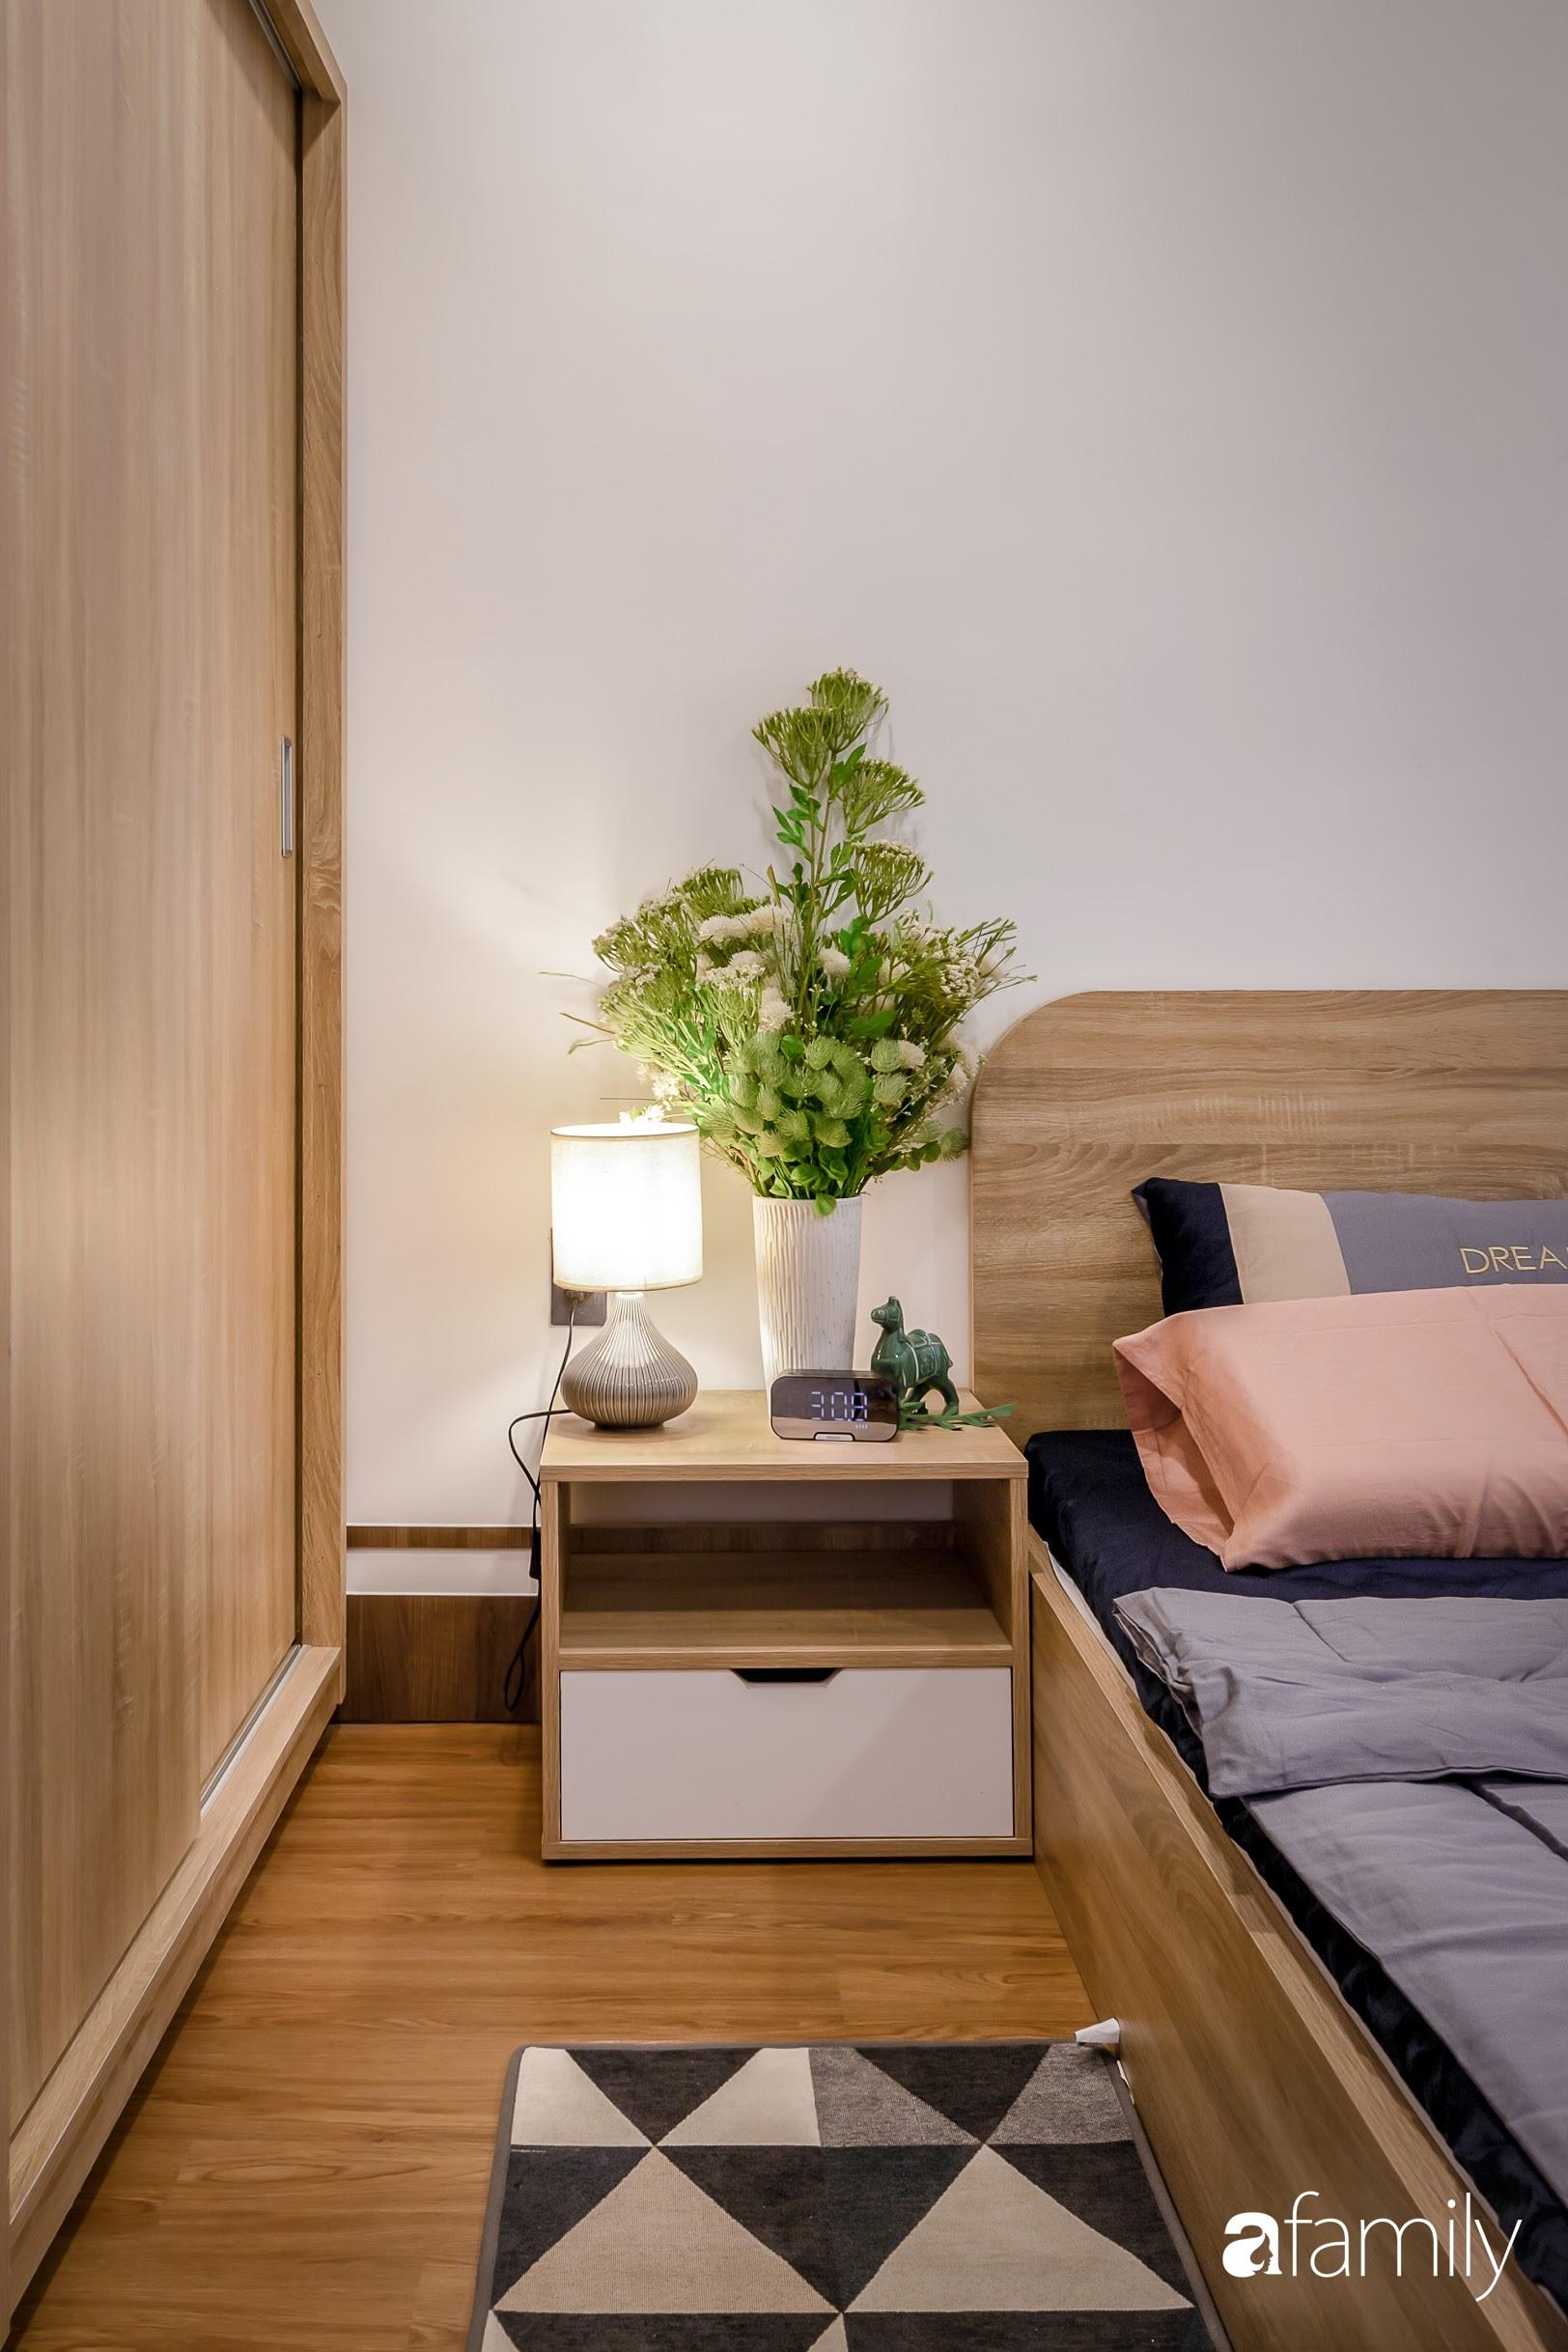 Nhà phố Tiền Giang đẹp hài hòa với thiết kế hiện đại, bố trí nội thất thông minh với chi phí 1,8 tỉ đồng - Ảnh 8.